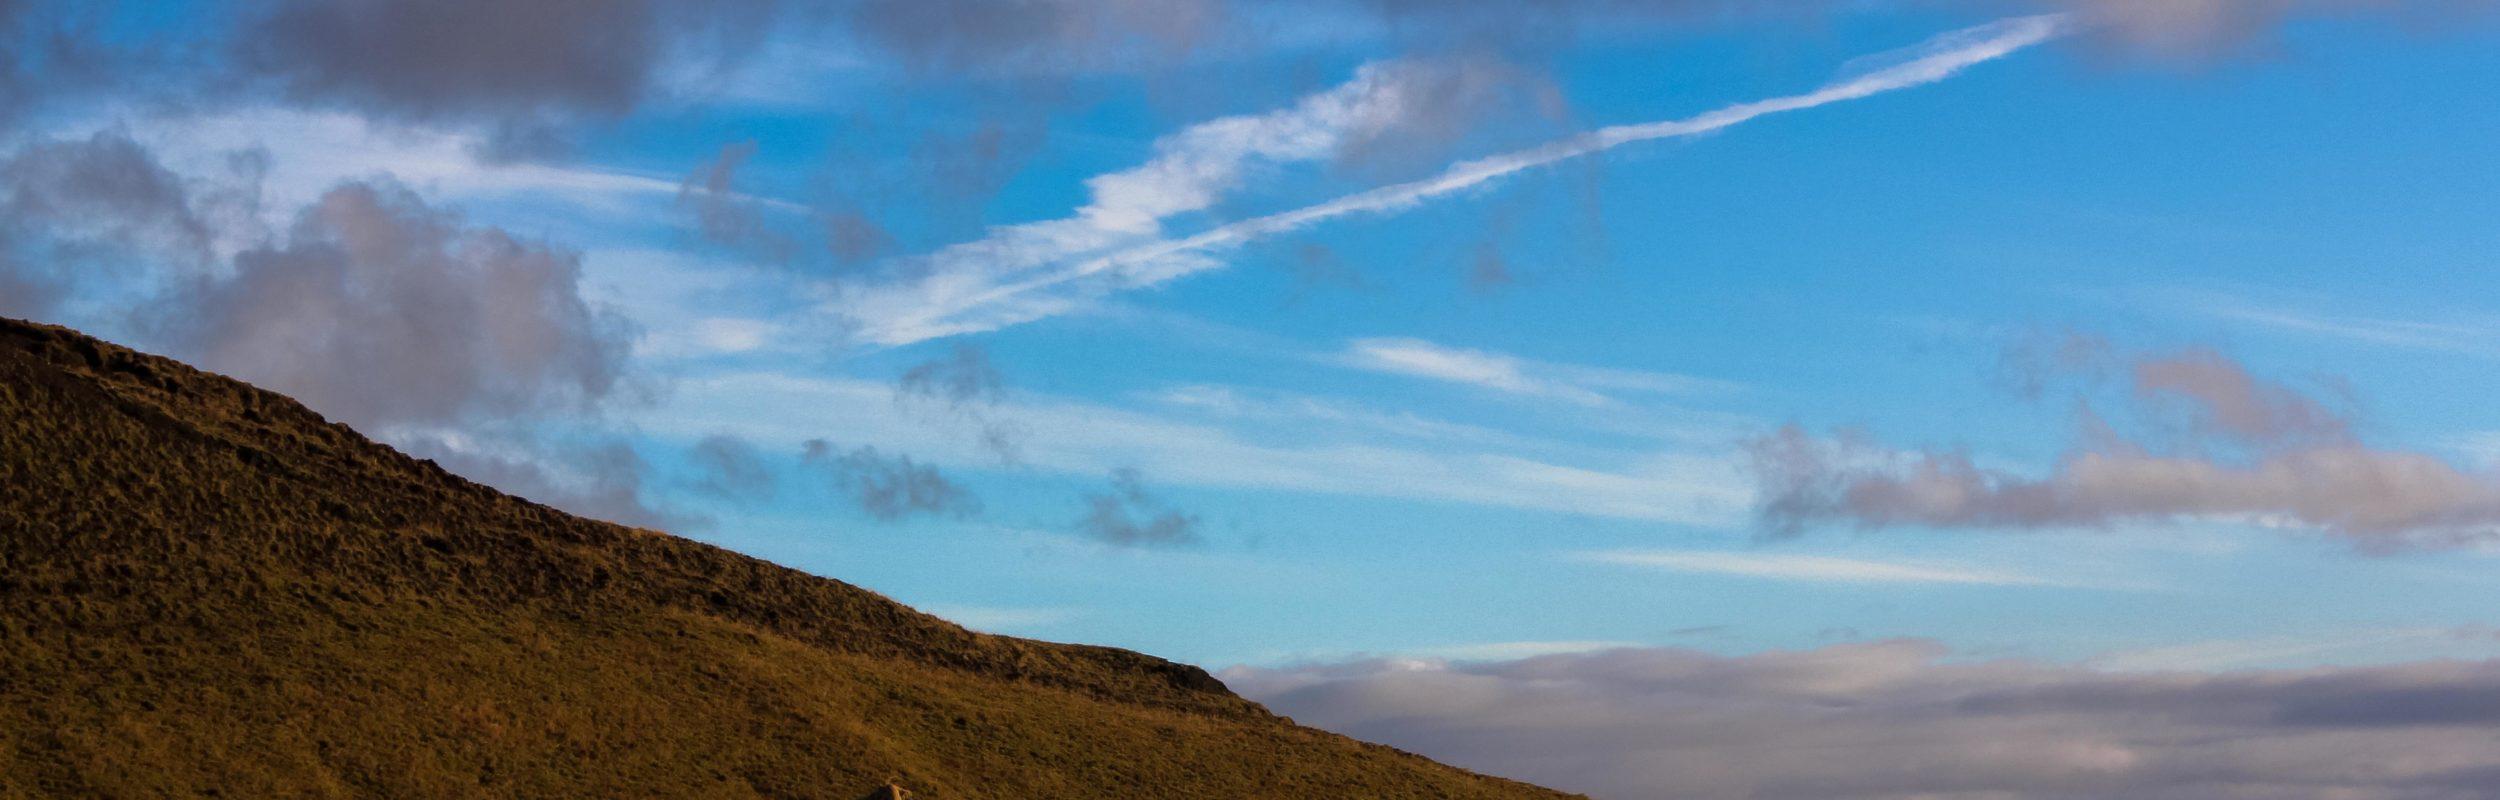 Une semaine en Islande #1 : bien préparer votre voyage !